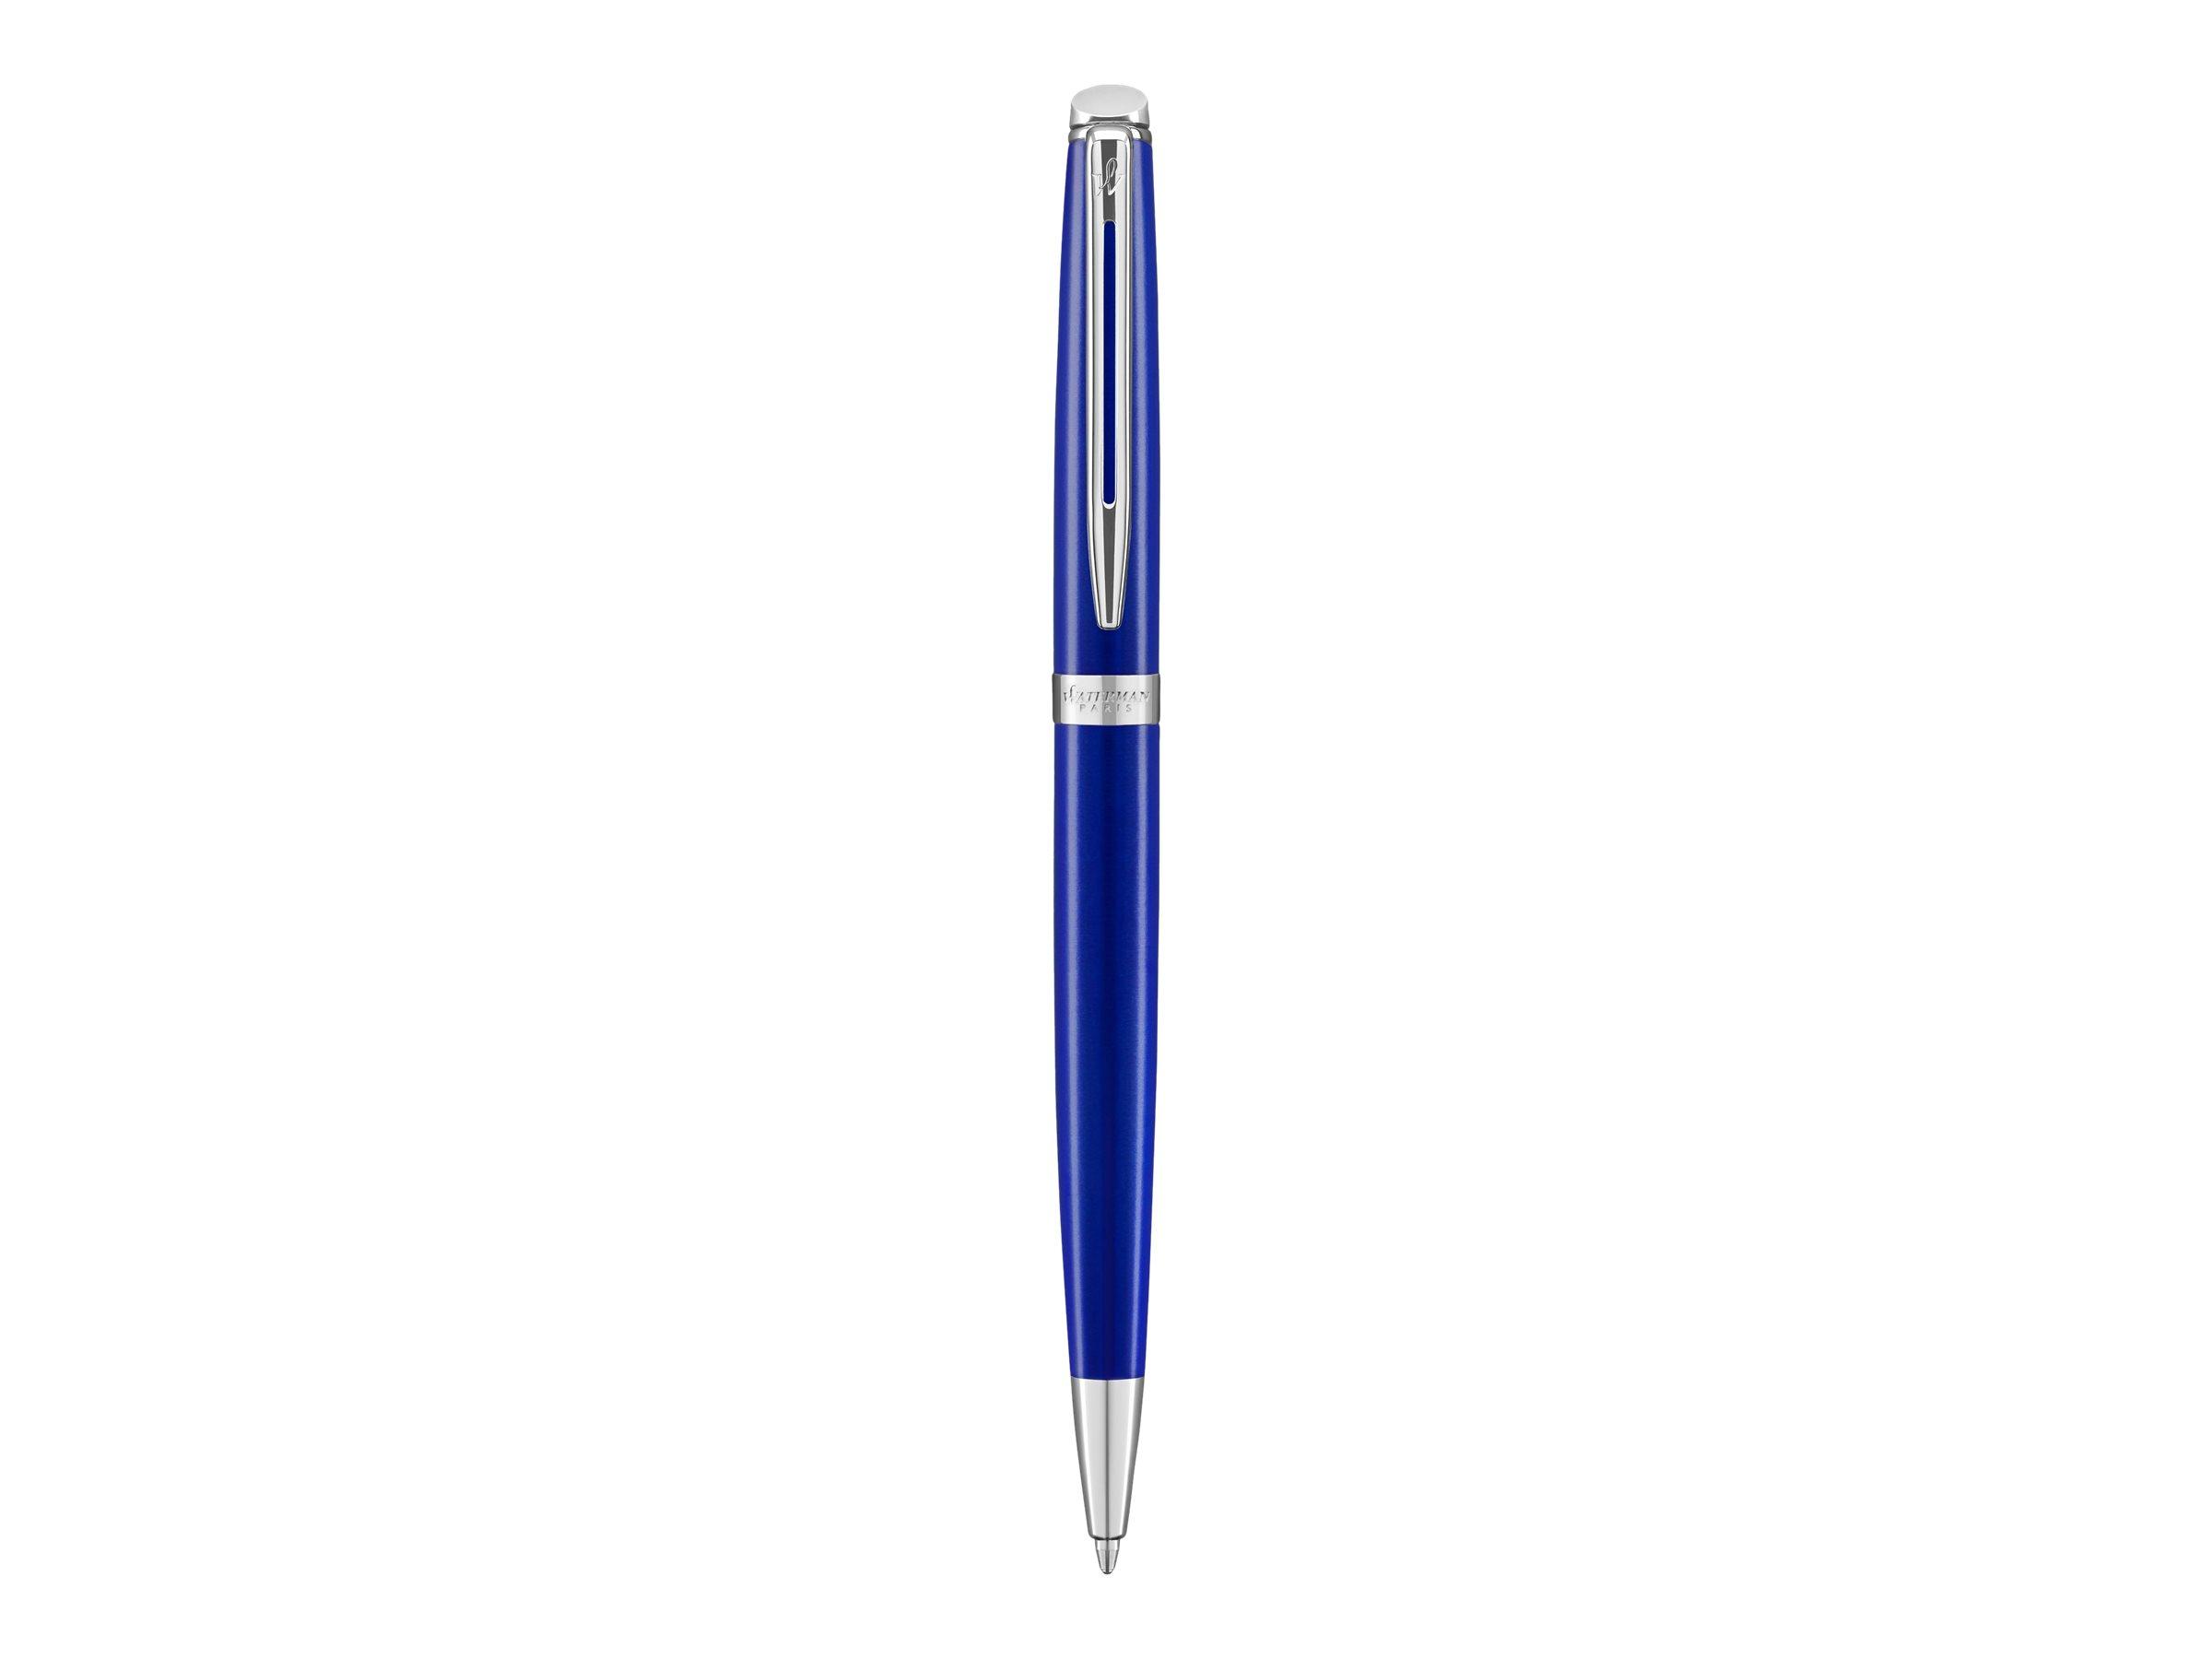 Waterman Hemisphere - Stylo à bille bleu - pointe fine